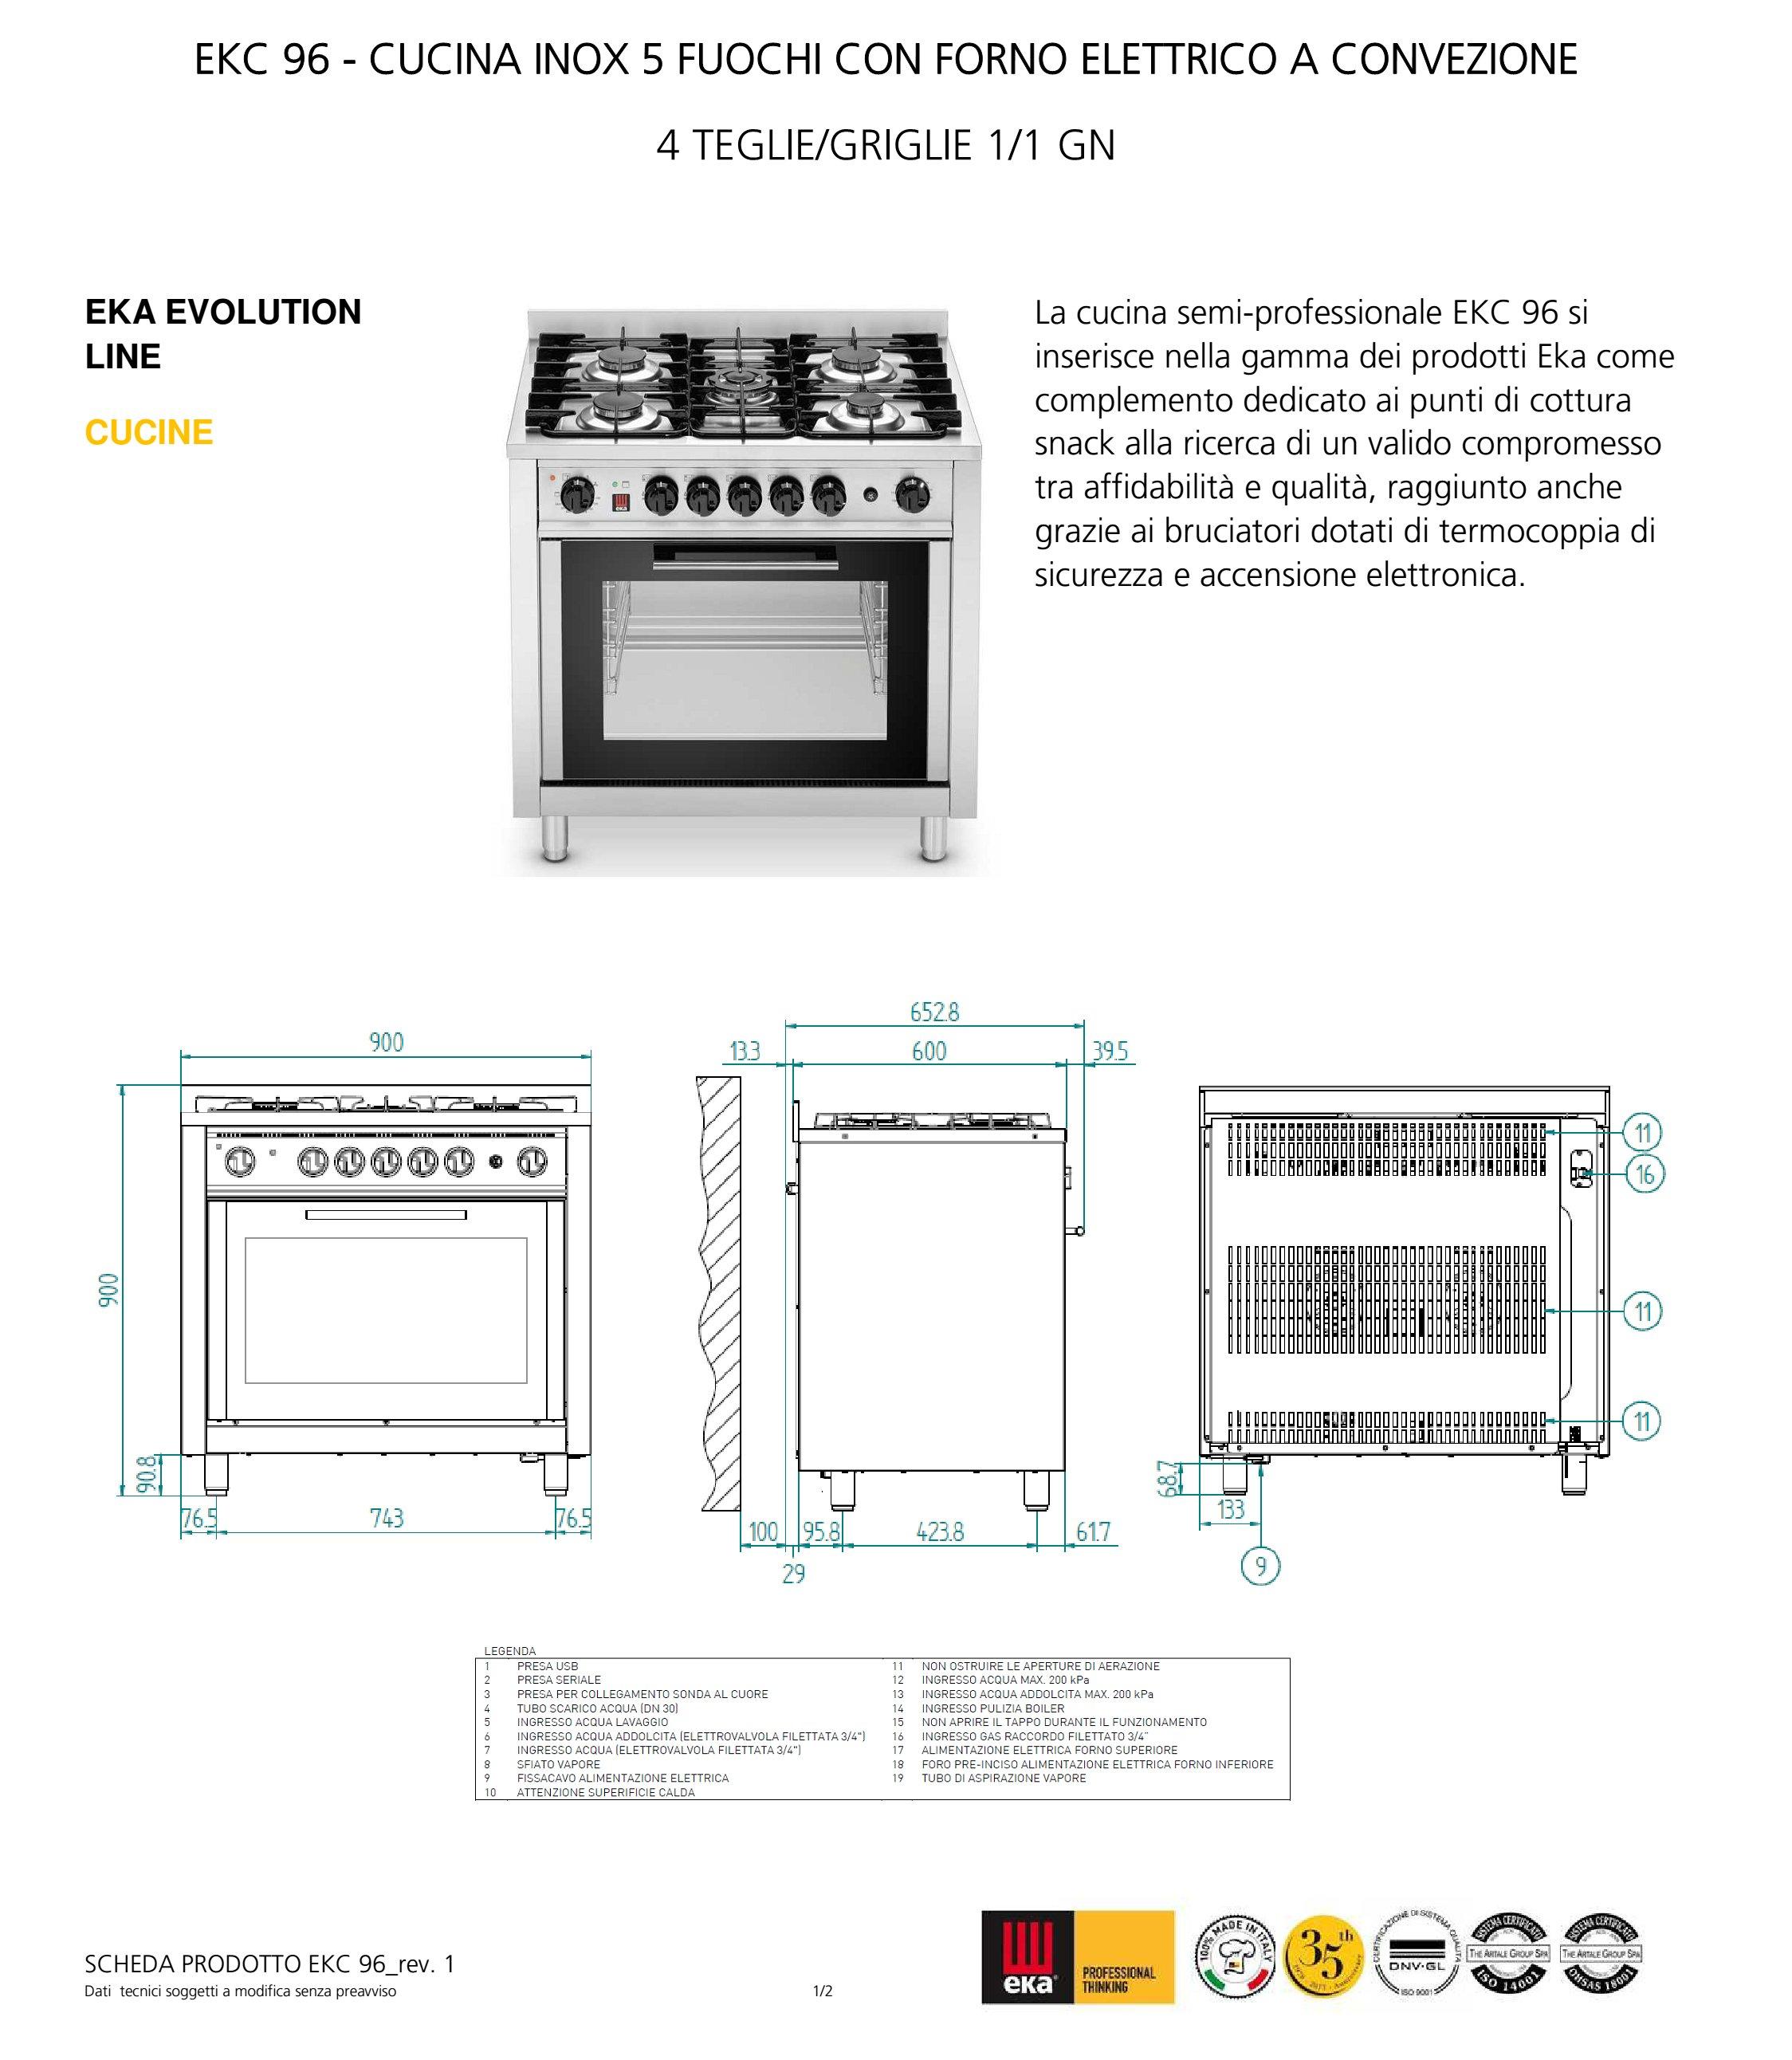 Cucina semi-professionale EKC 96, 5 fuochi, forno elettrico ...